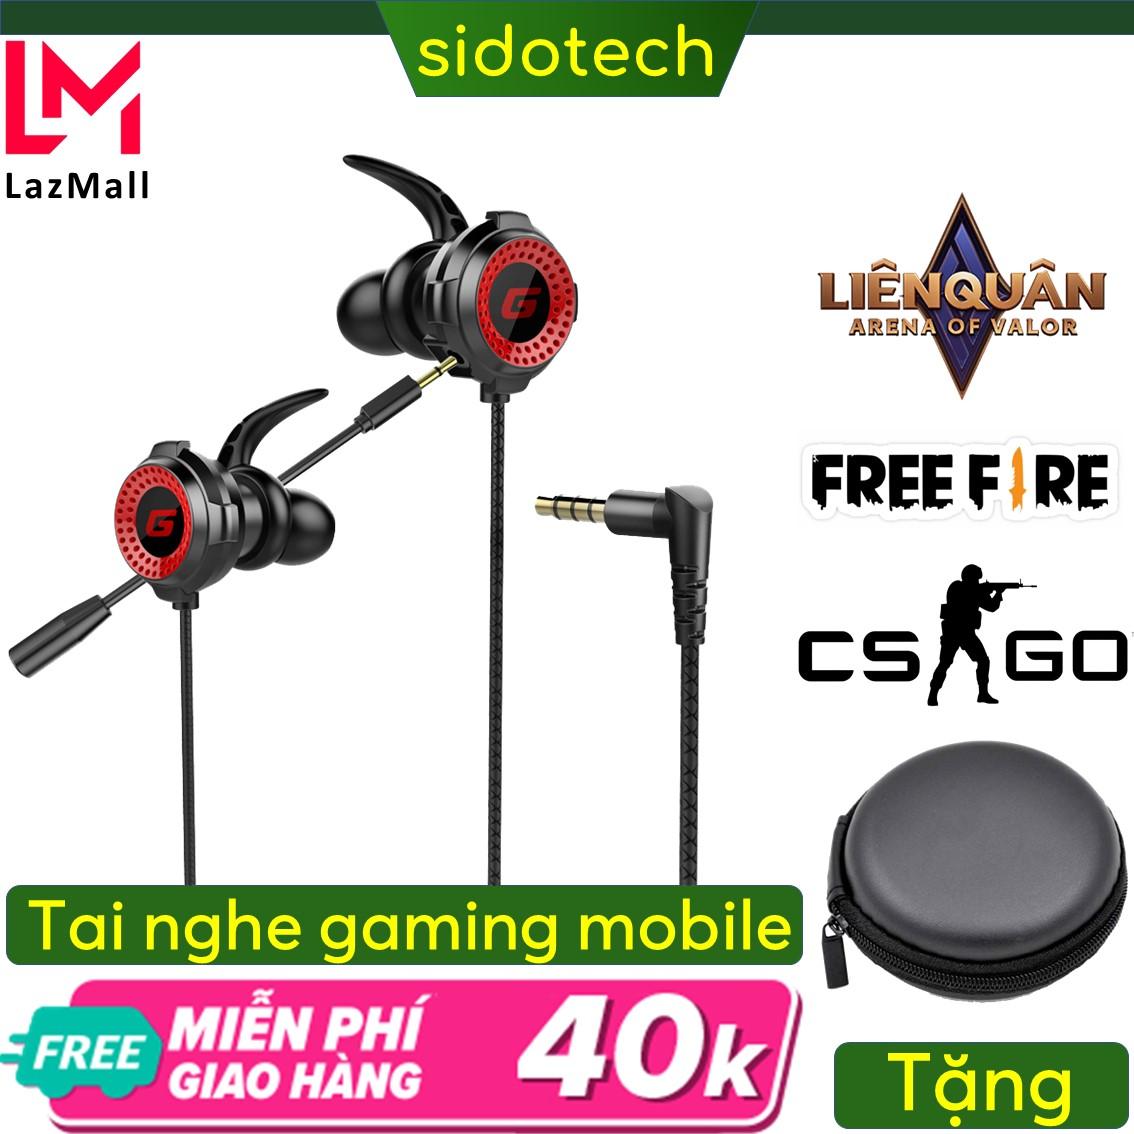 Tai nghe game thủ có dây chống ồn Sidotech G11 có mic 360 độ tích hợp chuyên dụng chơi game pug mobile tốc chiến lmht liên quân trên điện thoại dành cho game thủ chuyên nghiệp